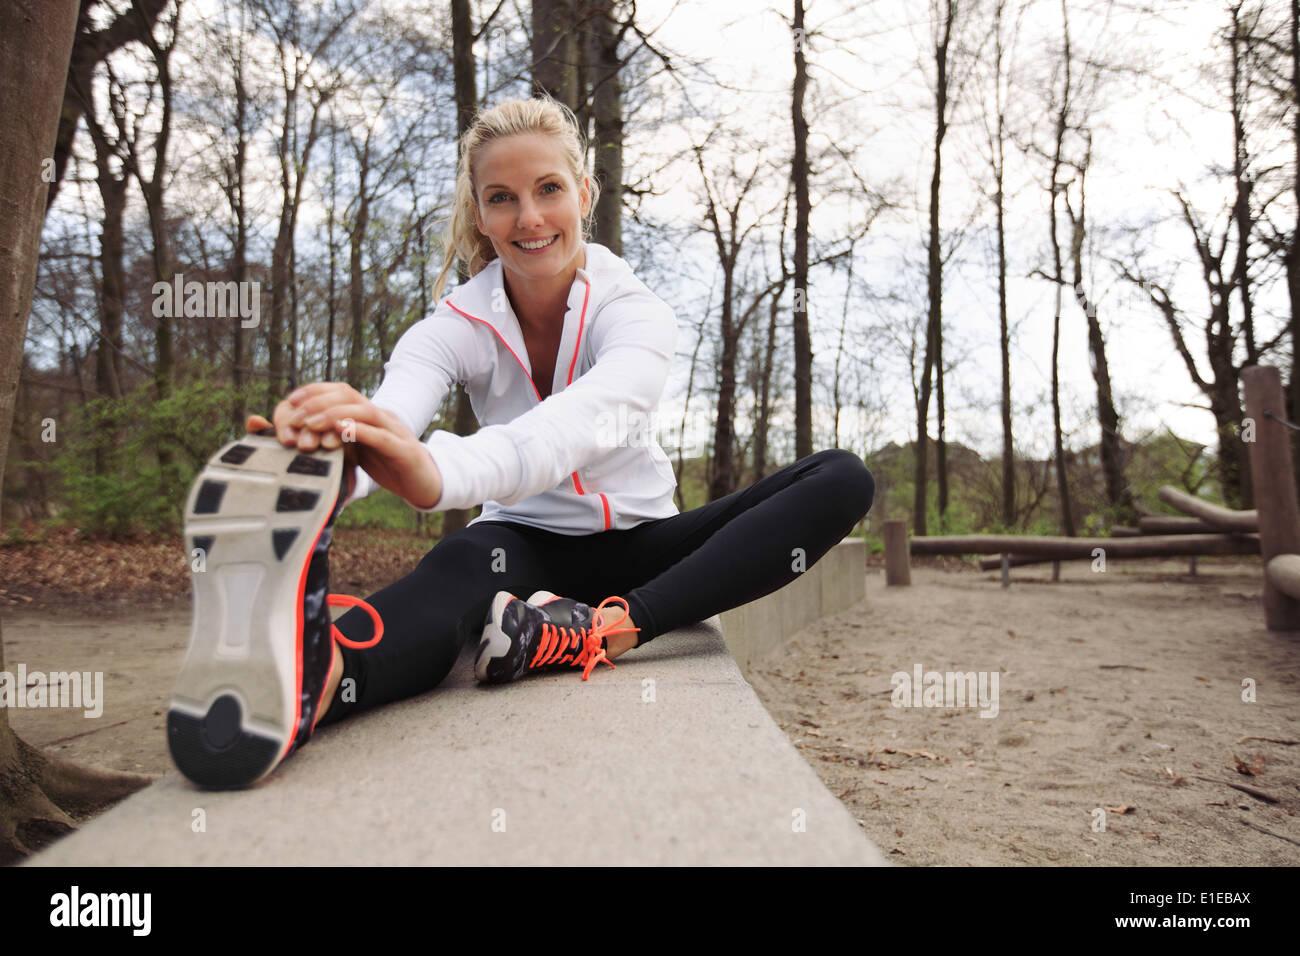 Feliz y colocar la mujer estirando sus piernas antes de la sesión de entrenamiento en la naturaleza. Hermosa atleta caucásica ejerciendo en el parque. Imagen De Stock